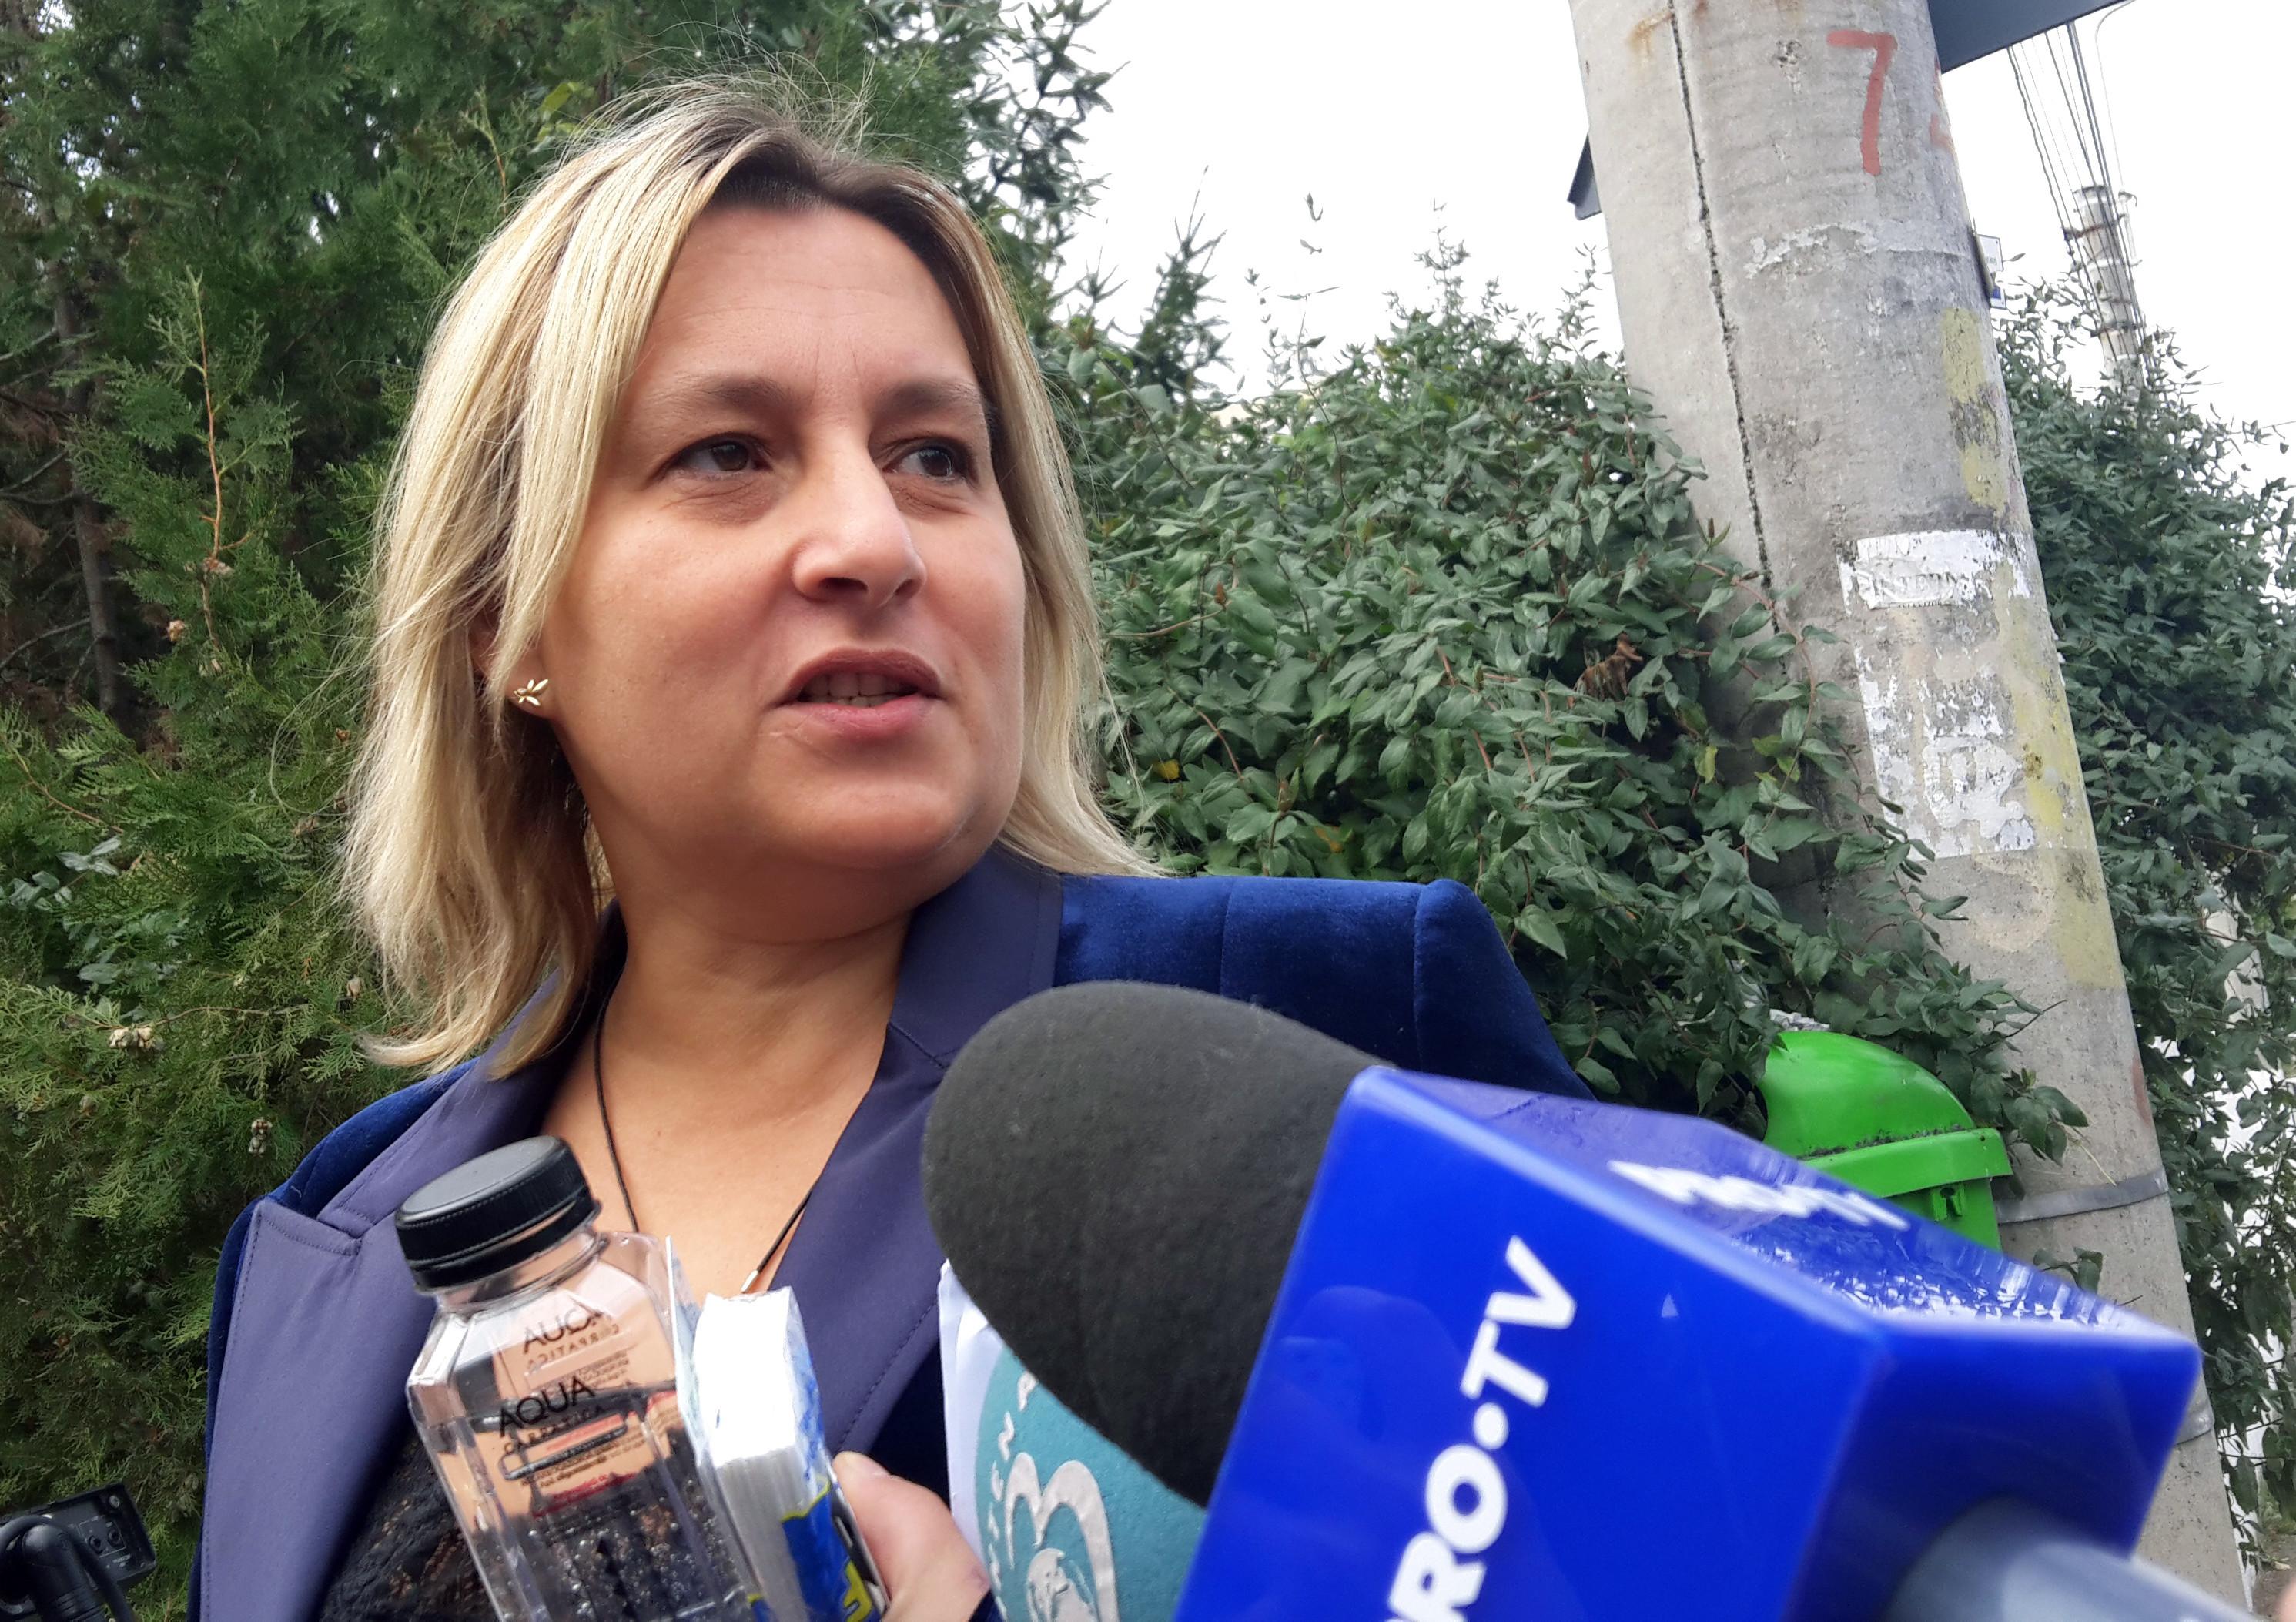 Legal-Business - Procurorul Mihaiela Iorga, care a instrumentat dosarul Microsoft, suspendata din functie de CSM